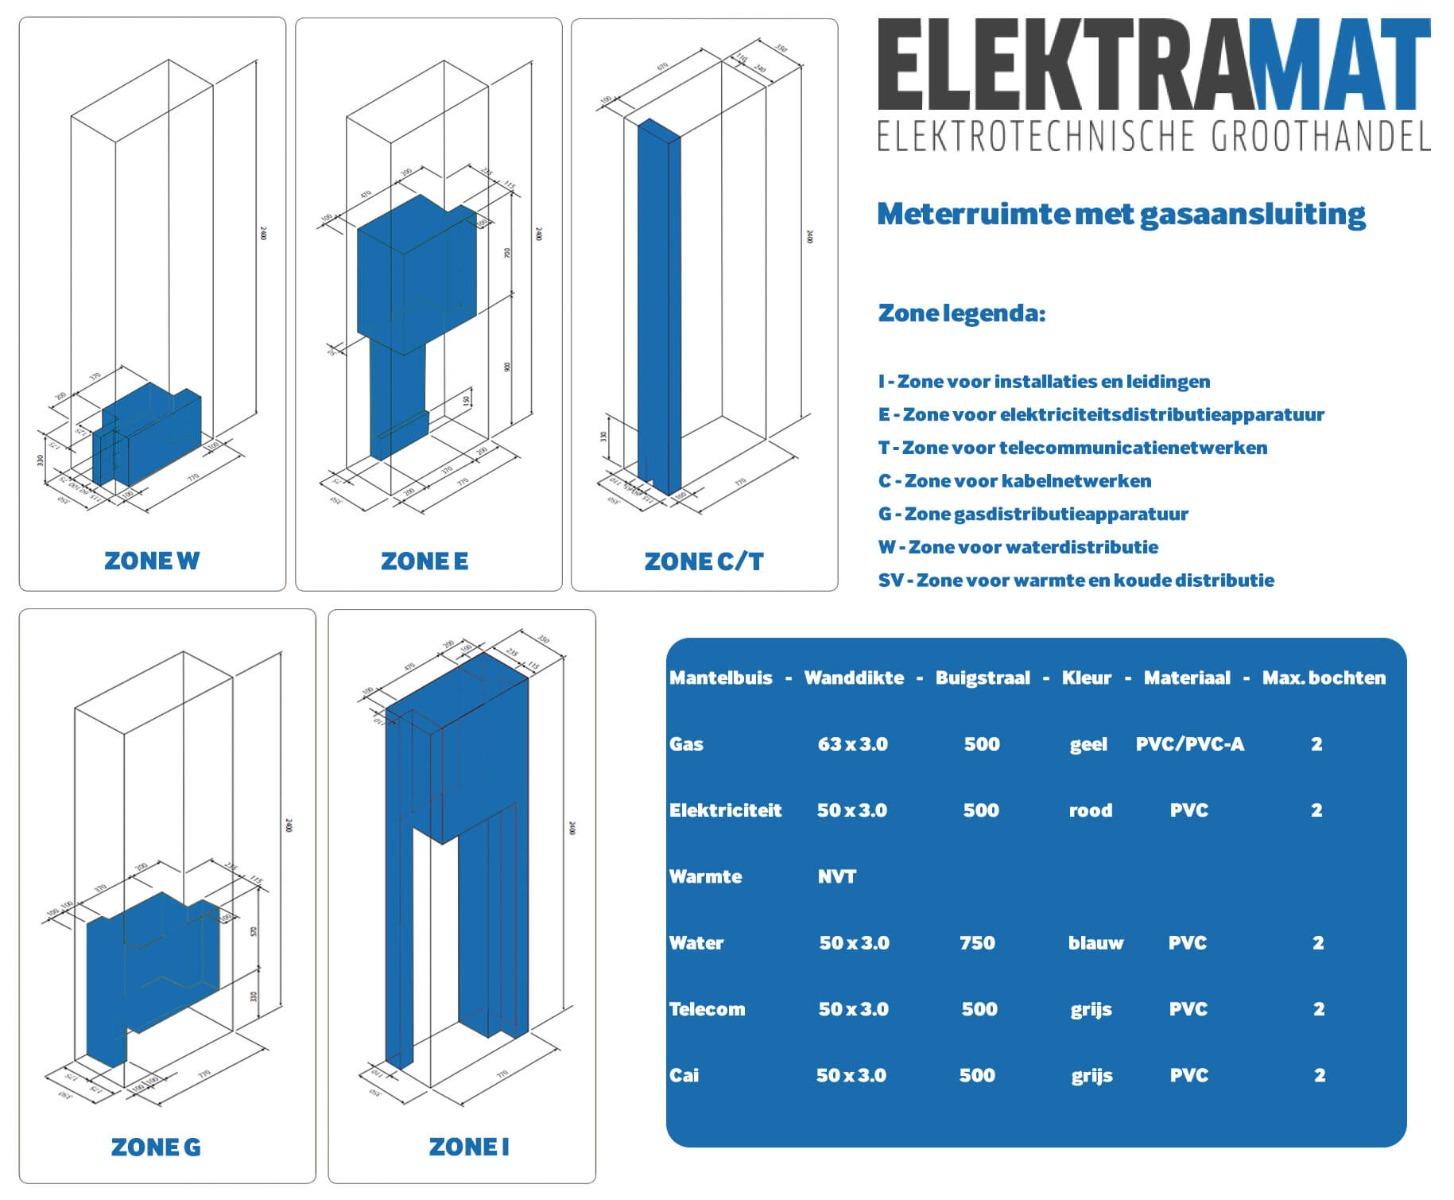 Meterkast gasaansluiting